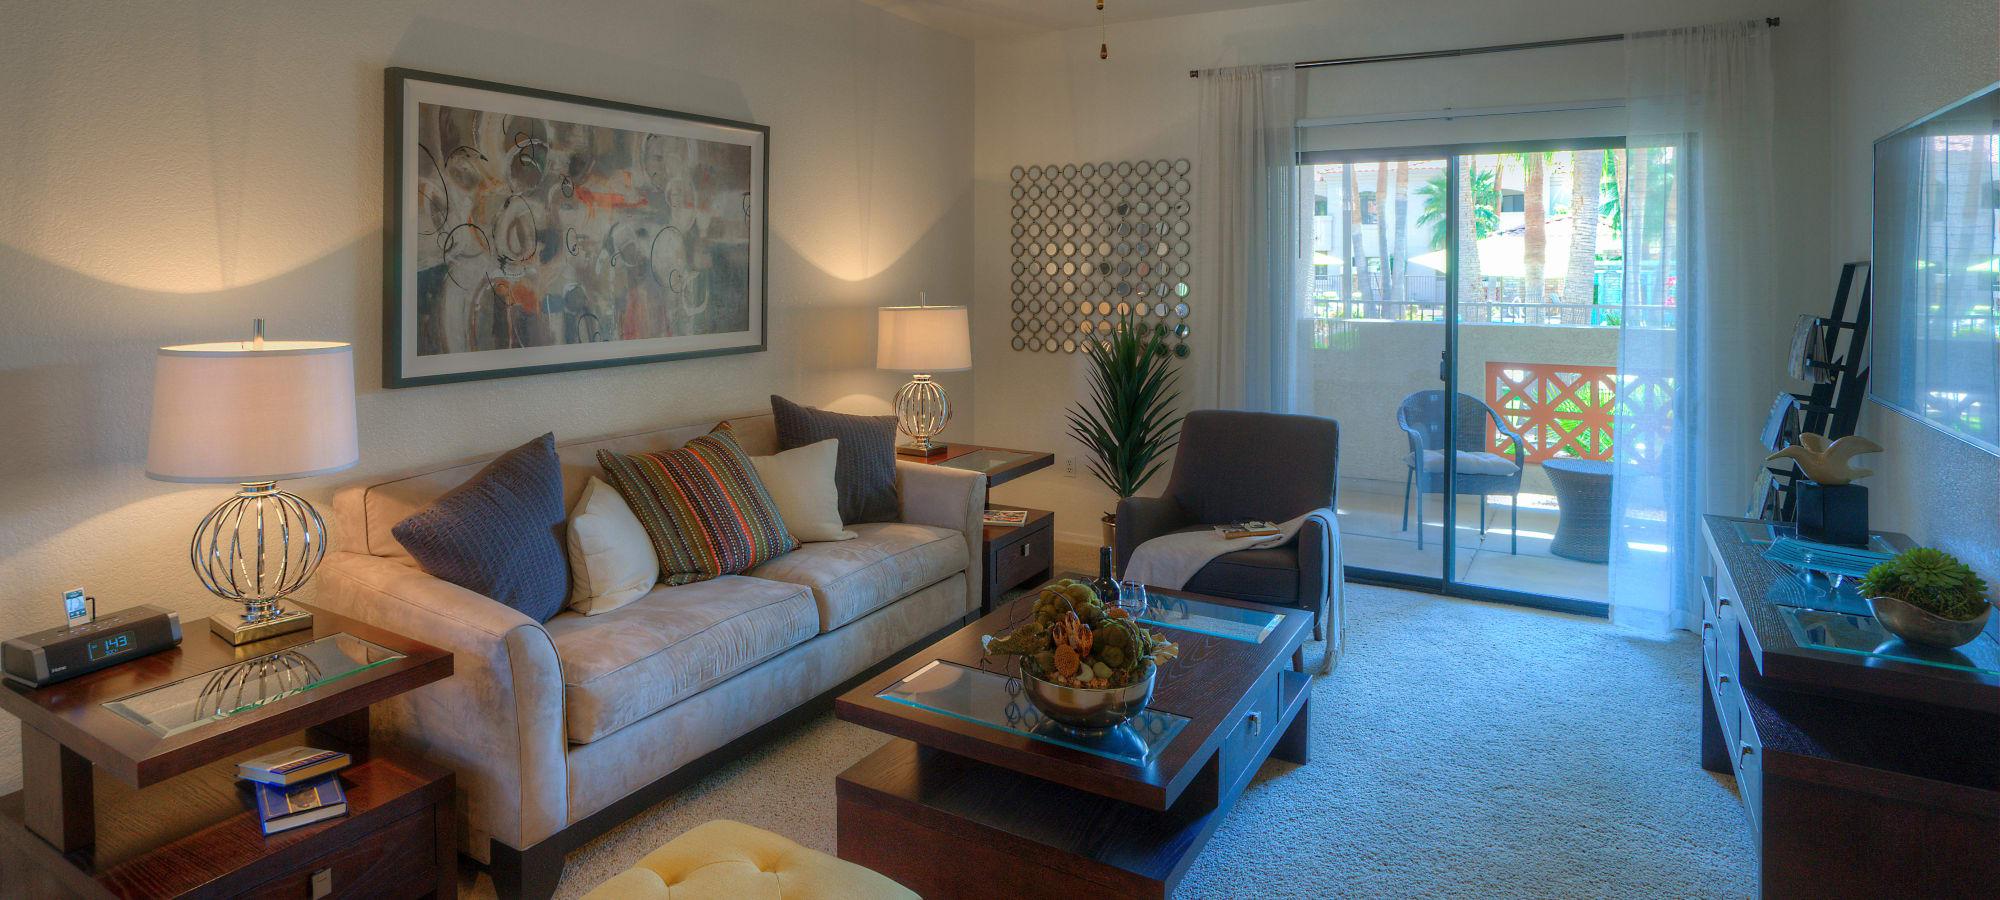 San Prado model living room with sliding glass door leading to private patio/balcony at San Prado in Glendale, Arizona